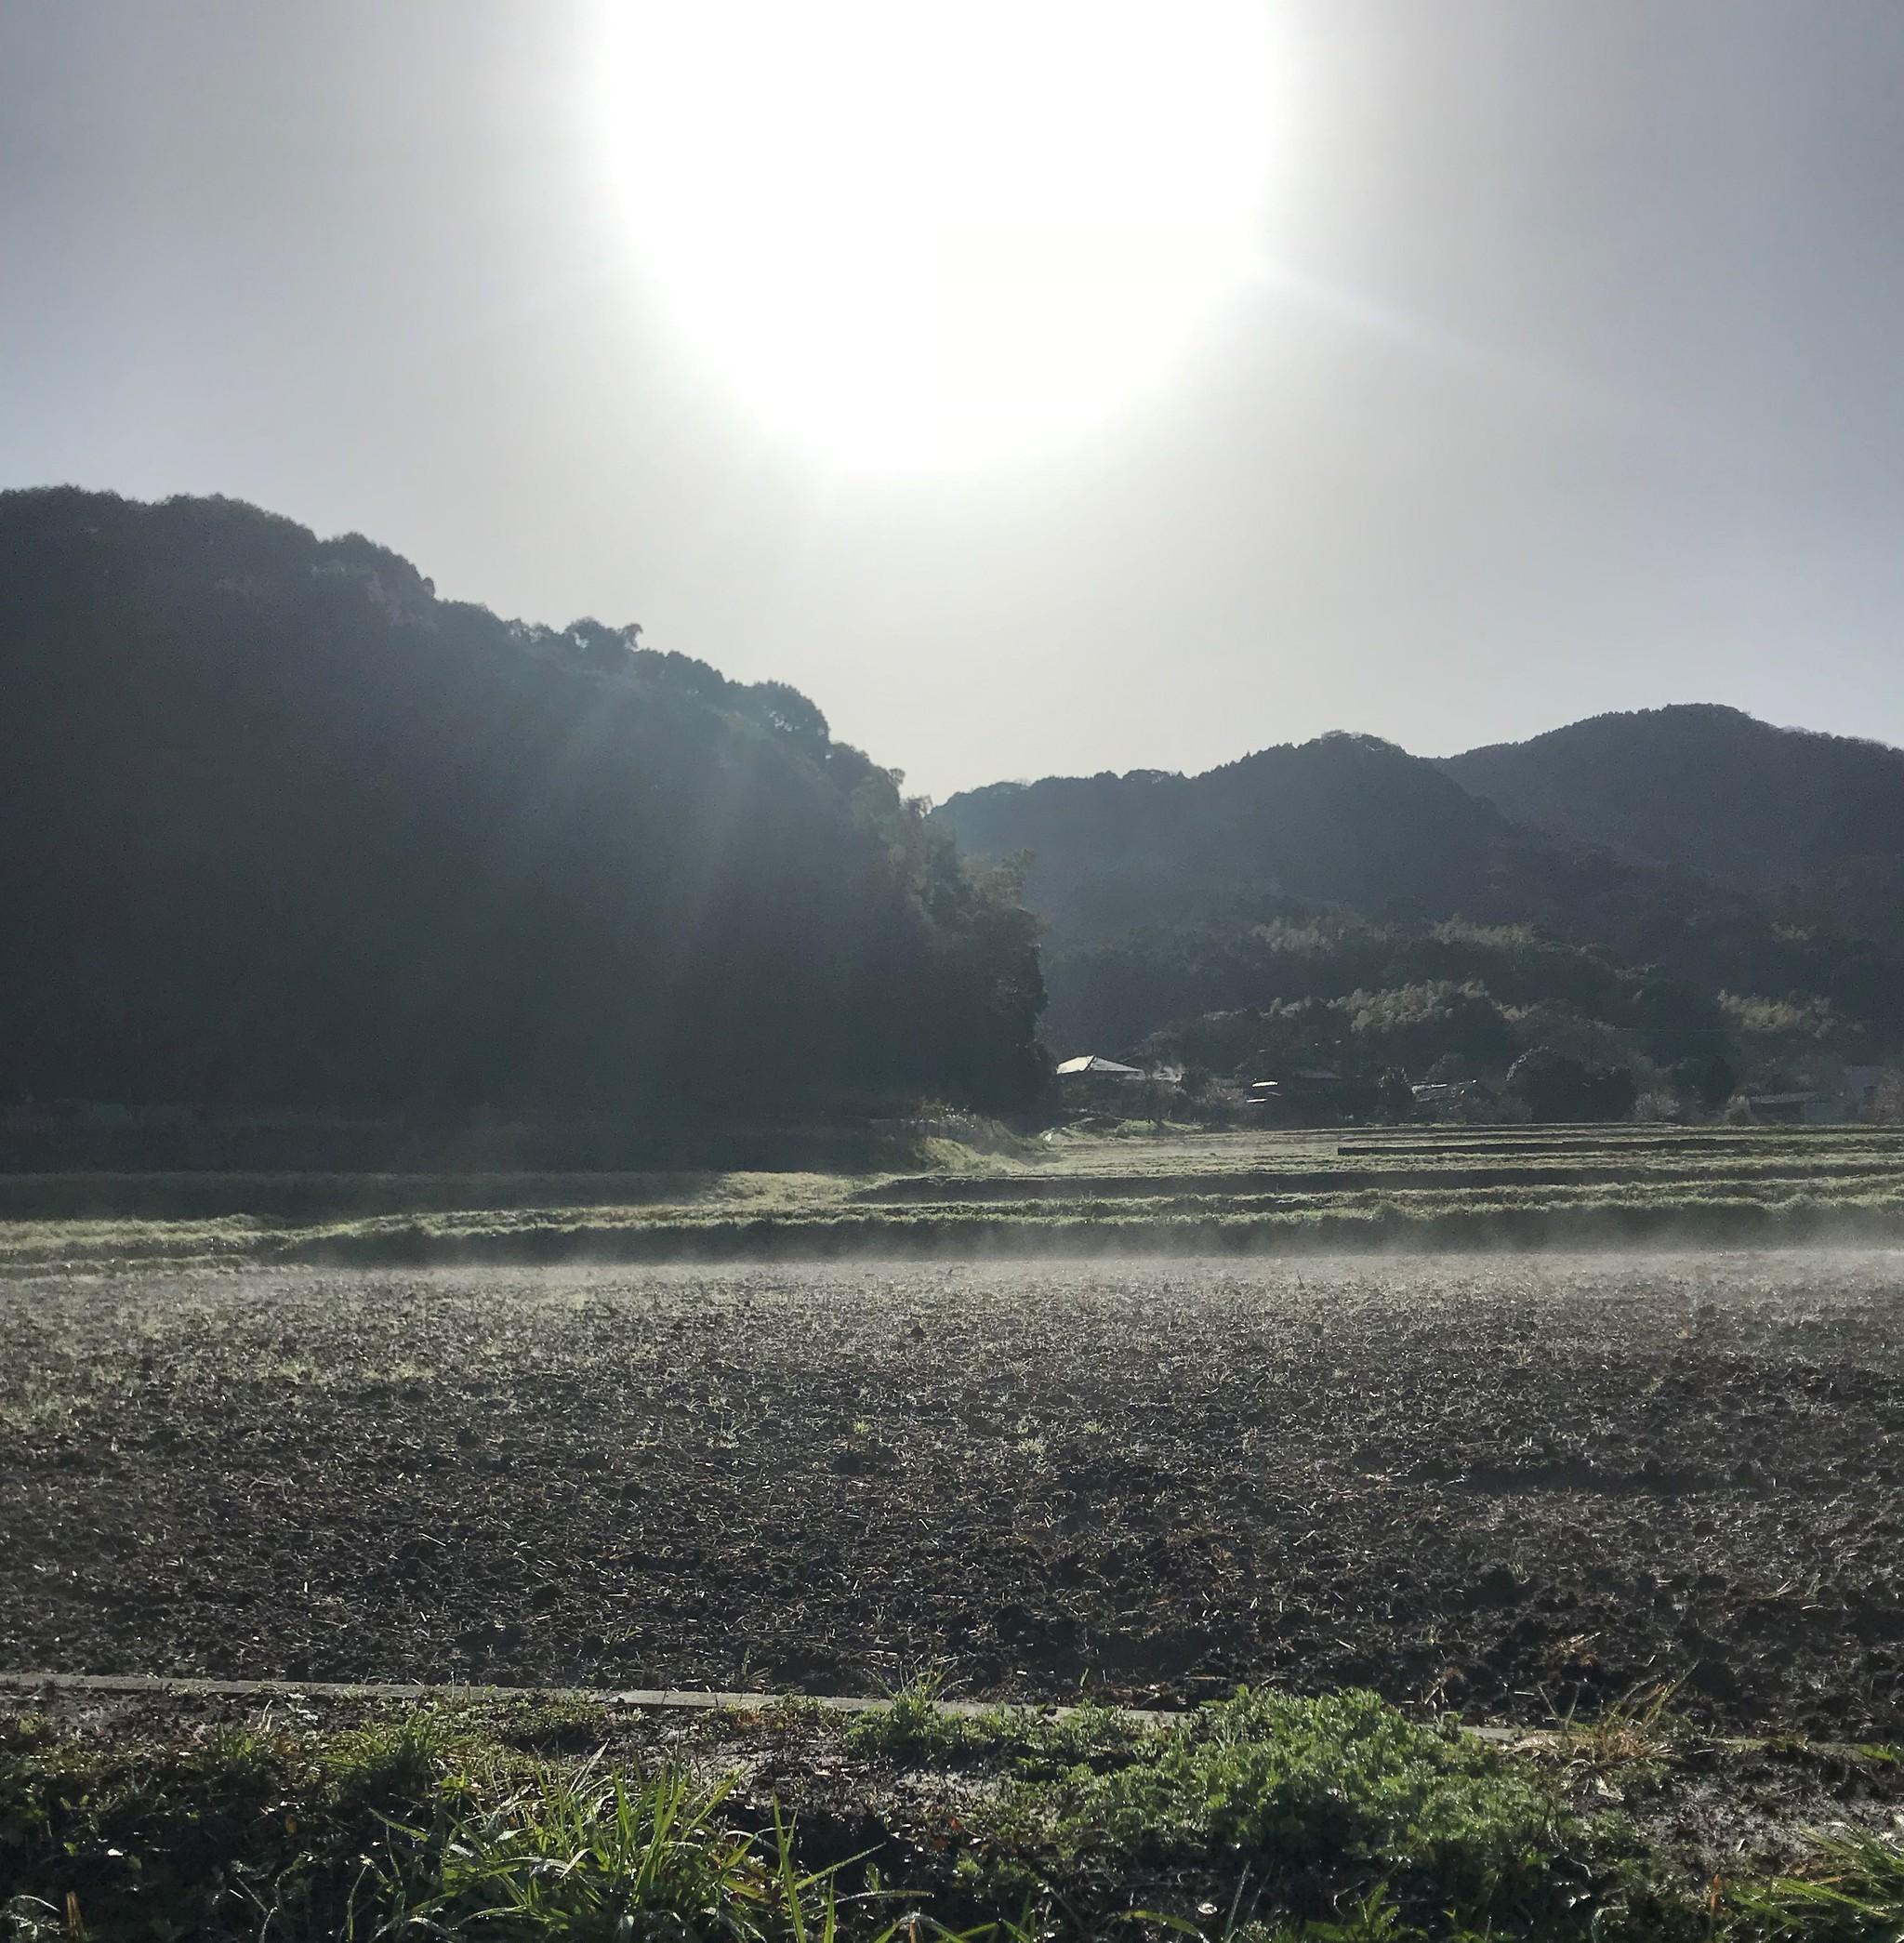 【福岡県香春町限定】農業をされている方へ。農地、受け継ぎます。